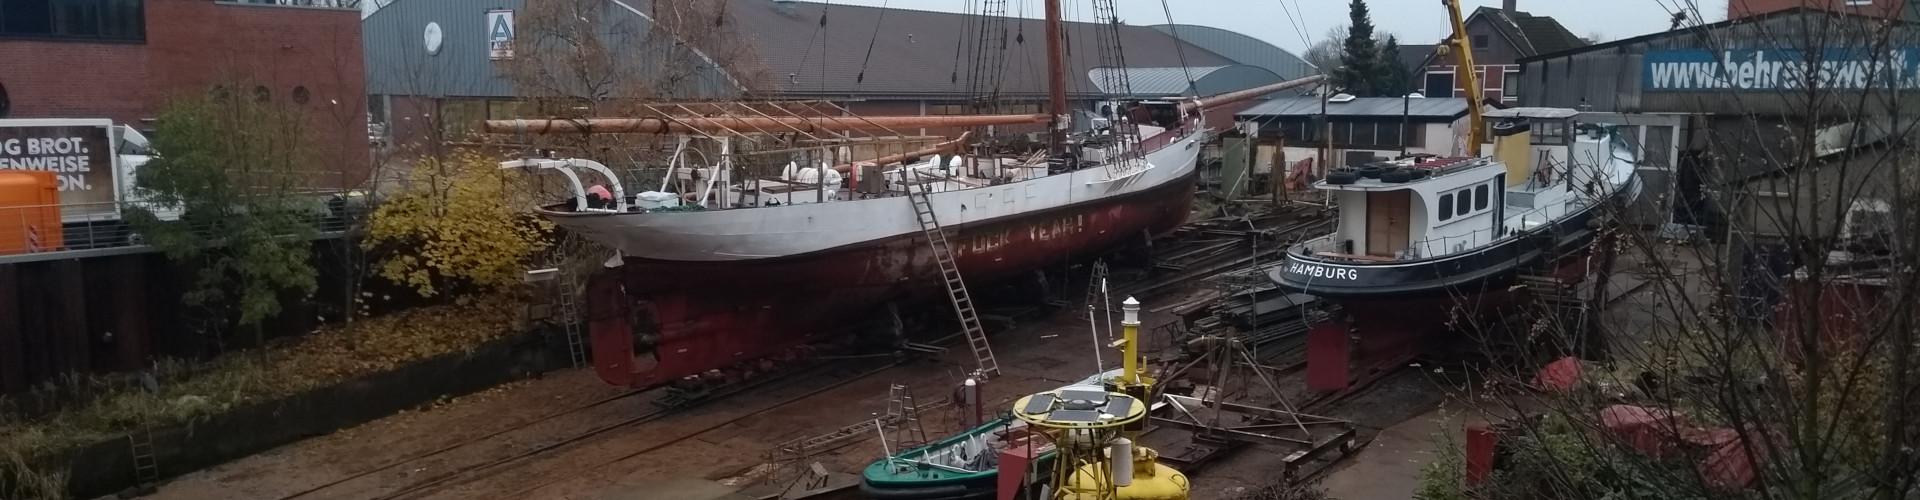 Behrens Schiffs- und Schweißtechnik GmbH